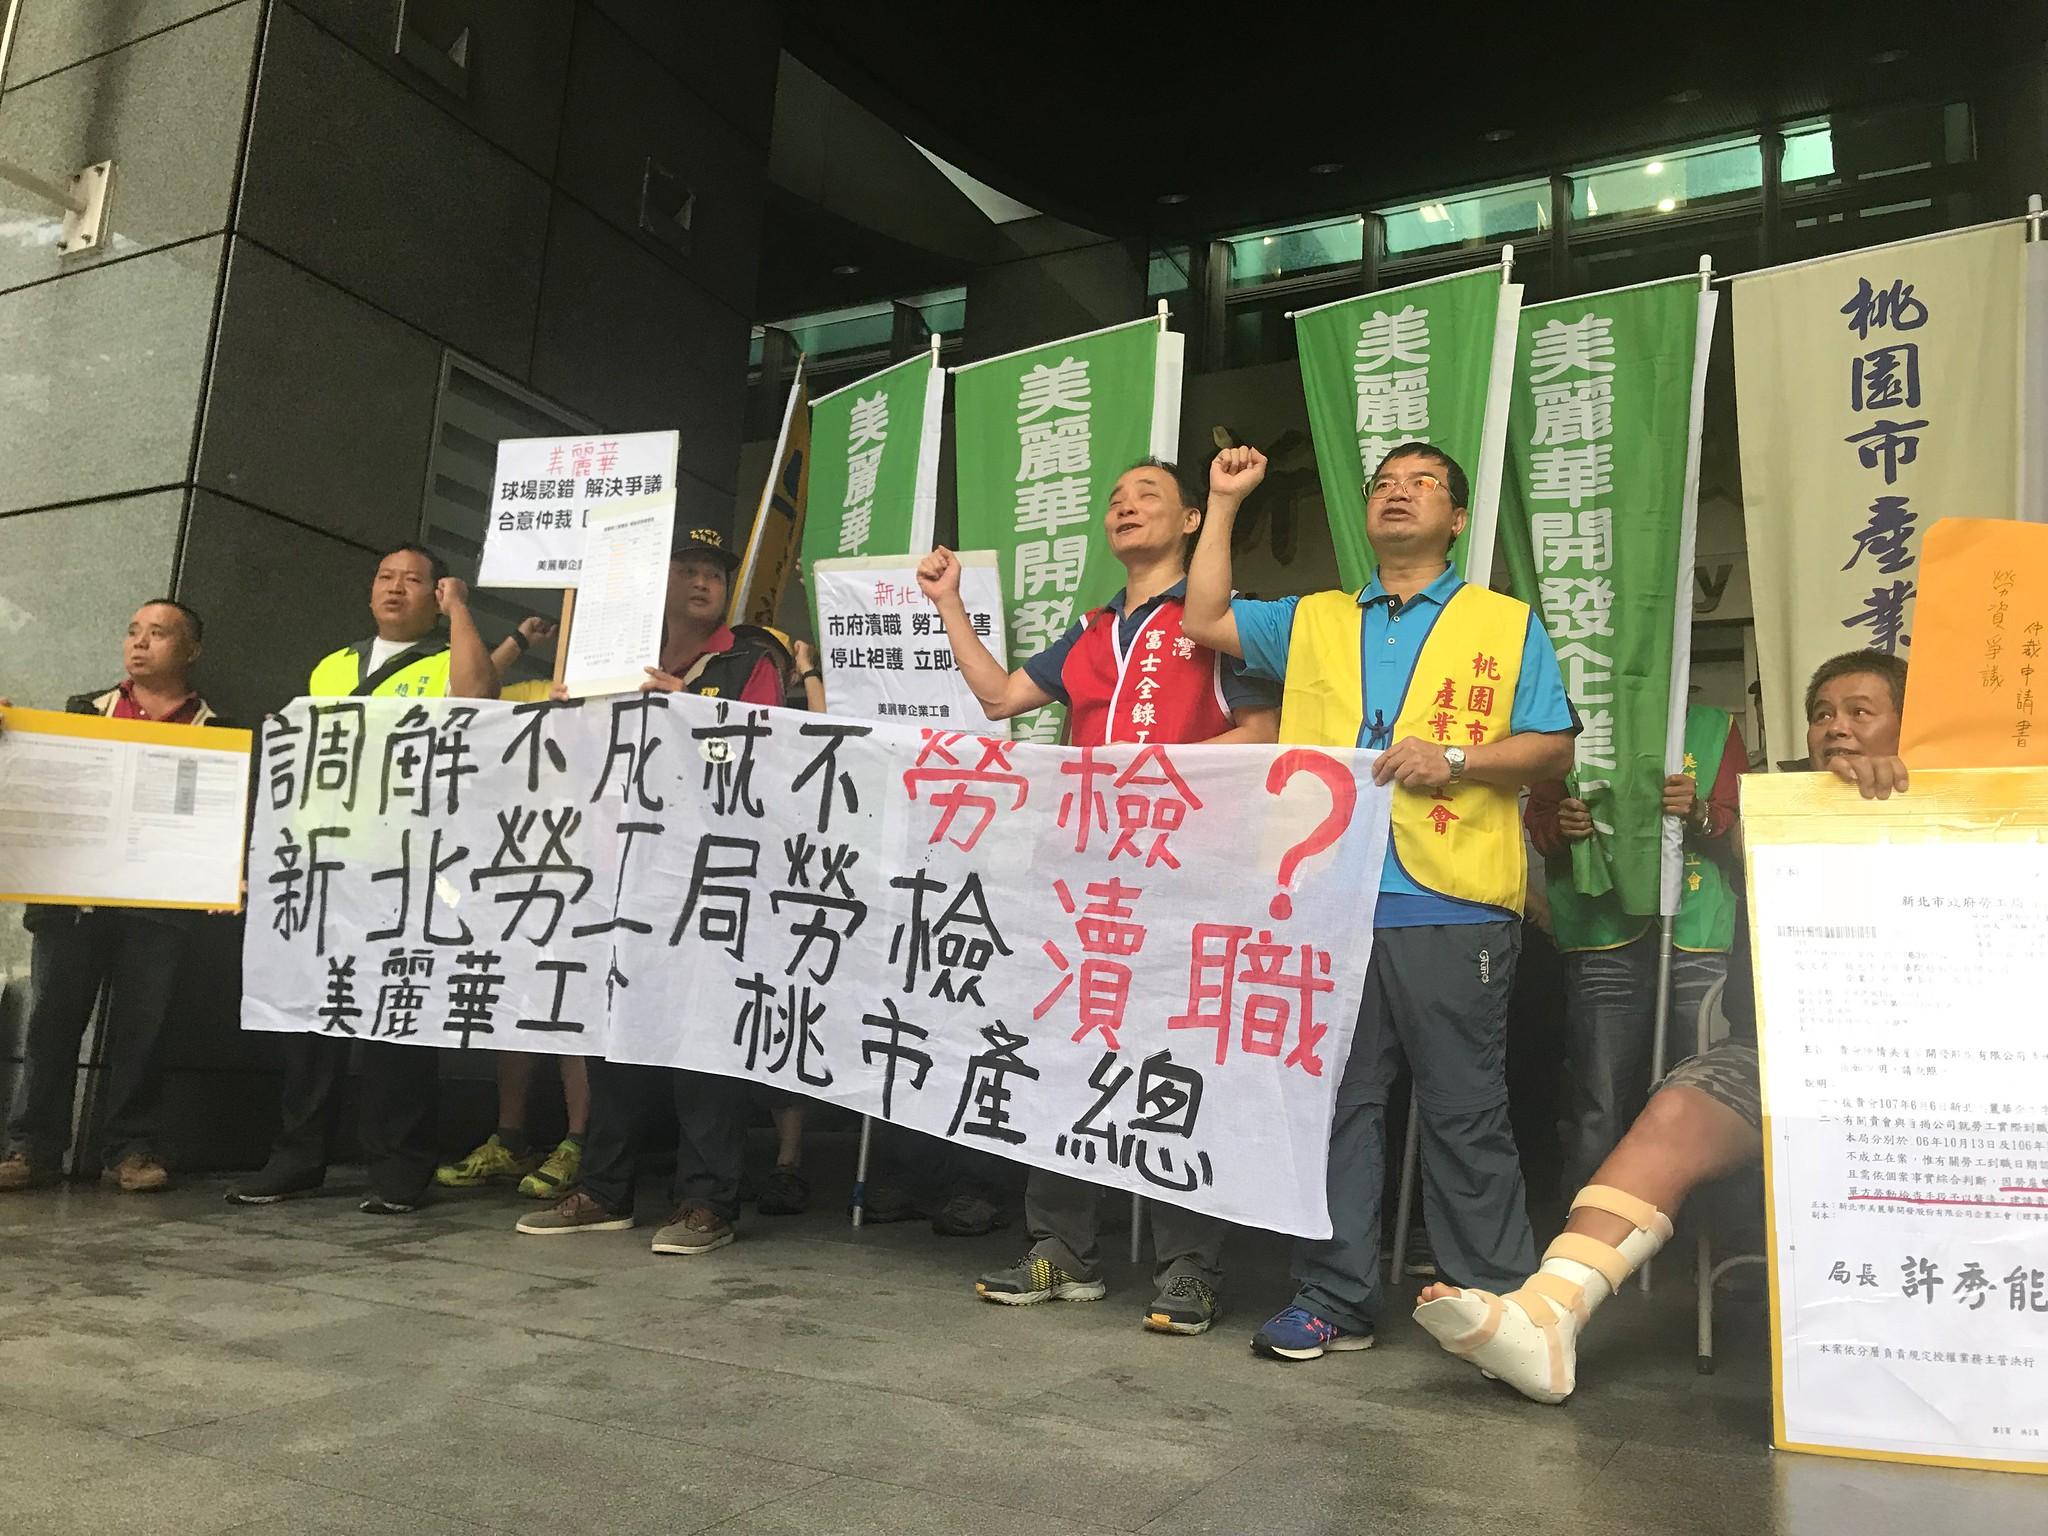 美麗華工會今日趕赴新北市府,要求勞工局不應以「調解不成立」阻止勞檢,並儘速確定資方違法事實。(射影:張宗坤)